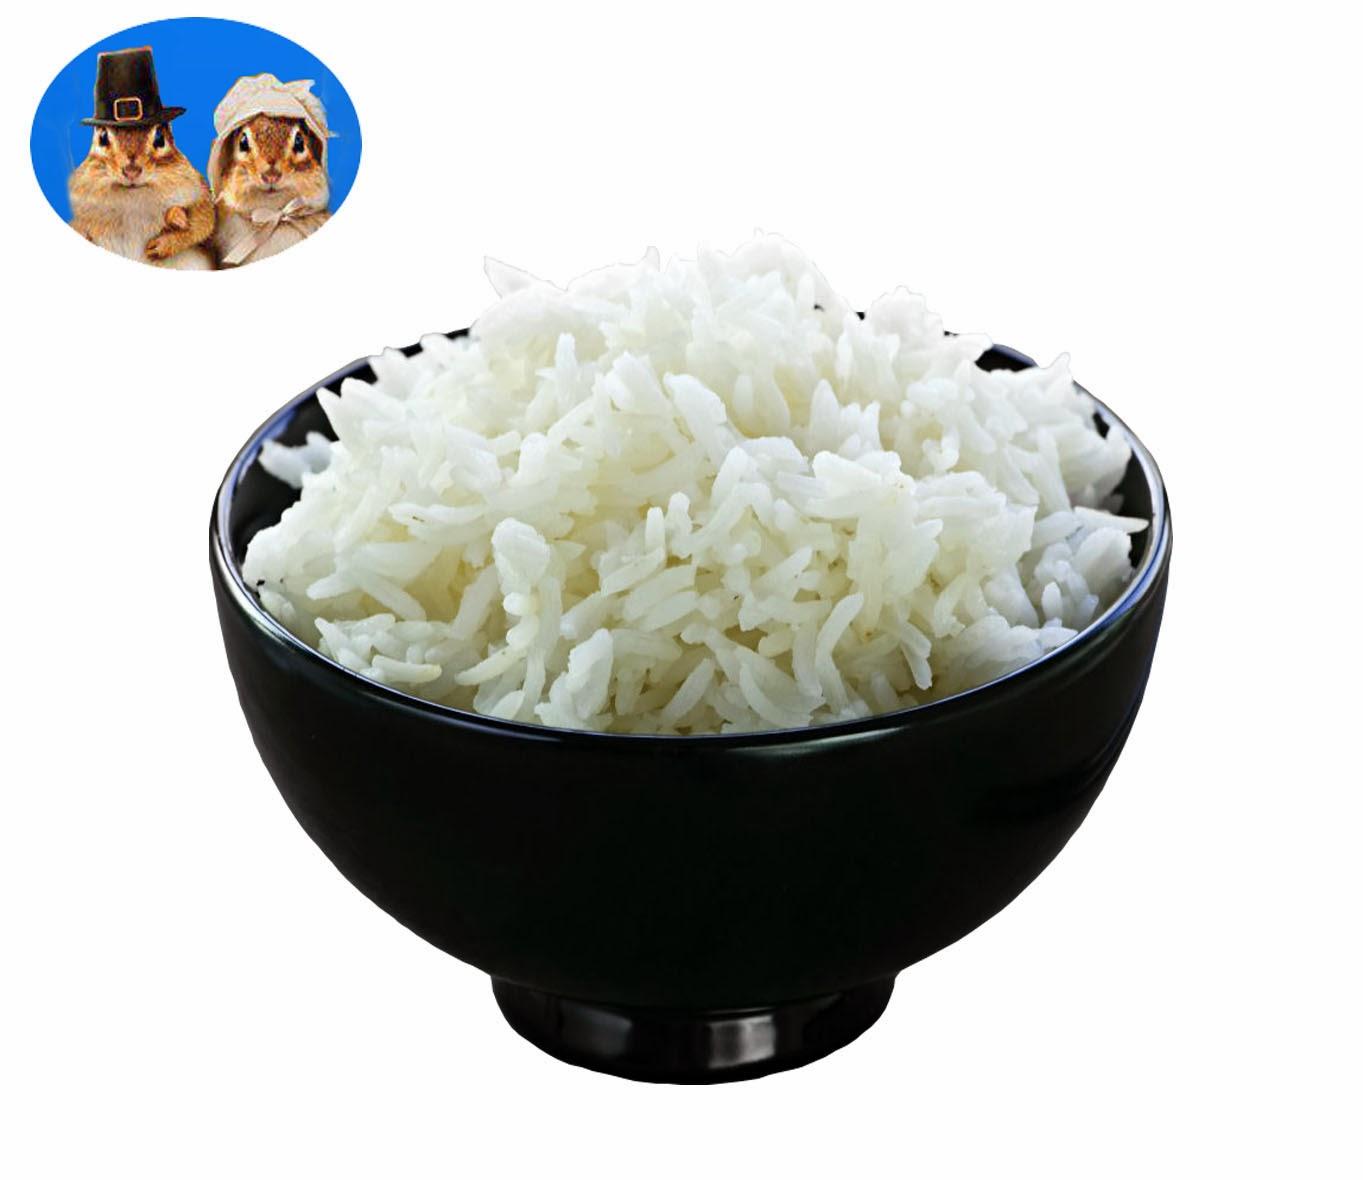 Arroz blanco cocina con amparo y thermomix - Comidas con arroz blanco ...